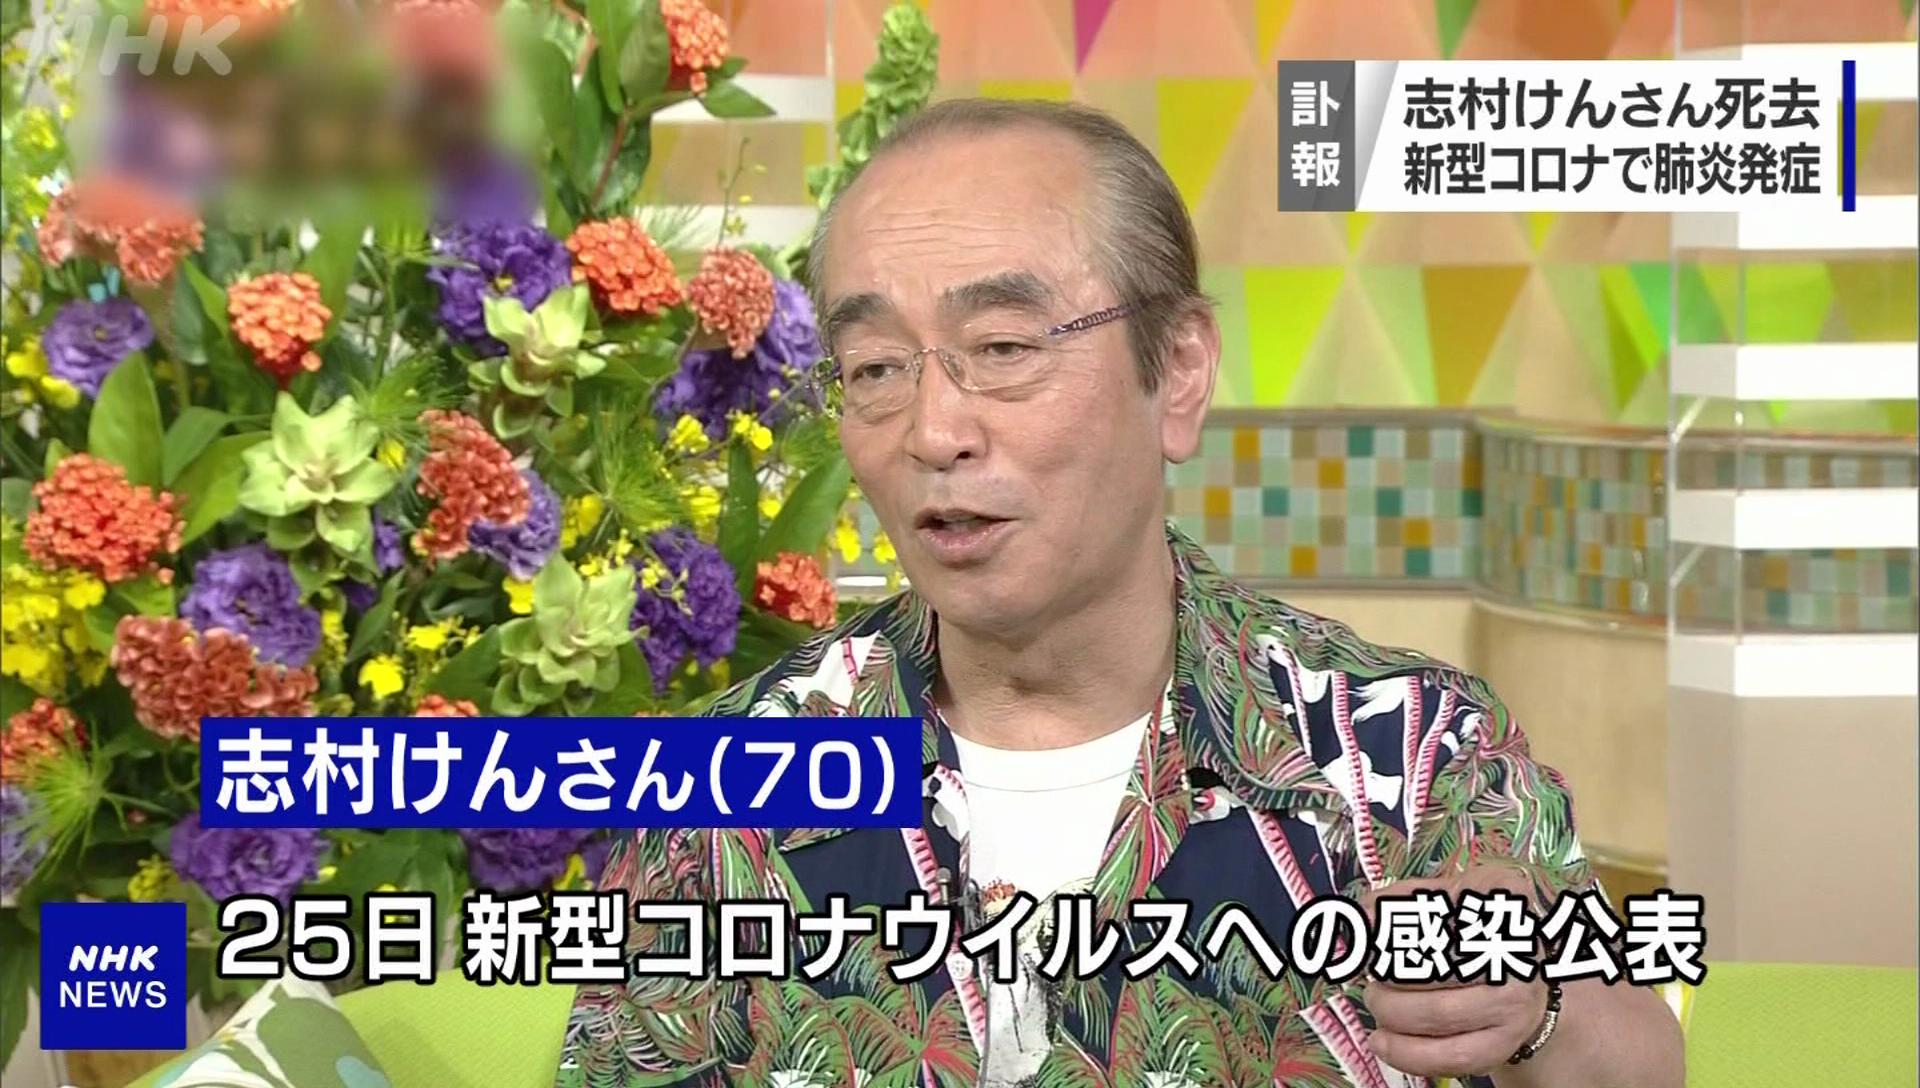 裝葉克膜救不回! 志村健染疫病逝享壽70歲